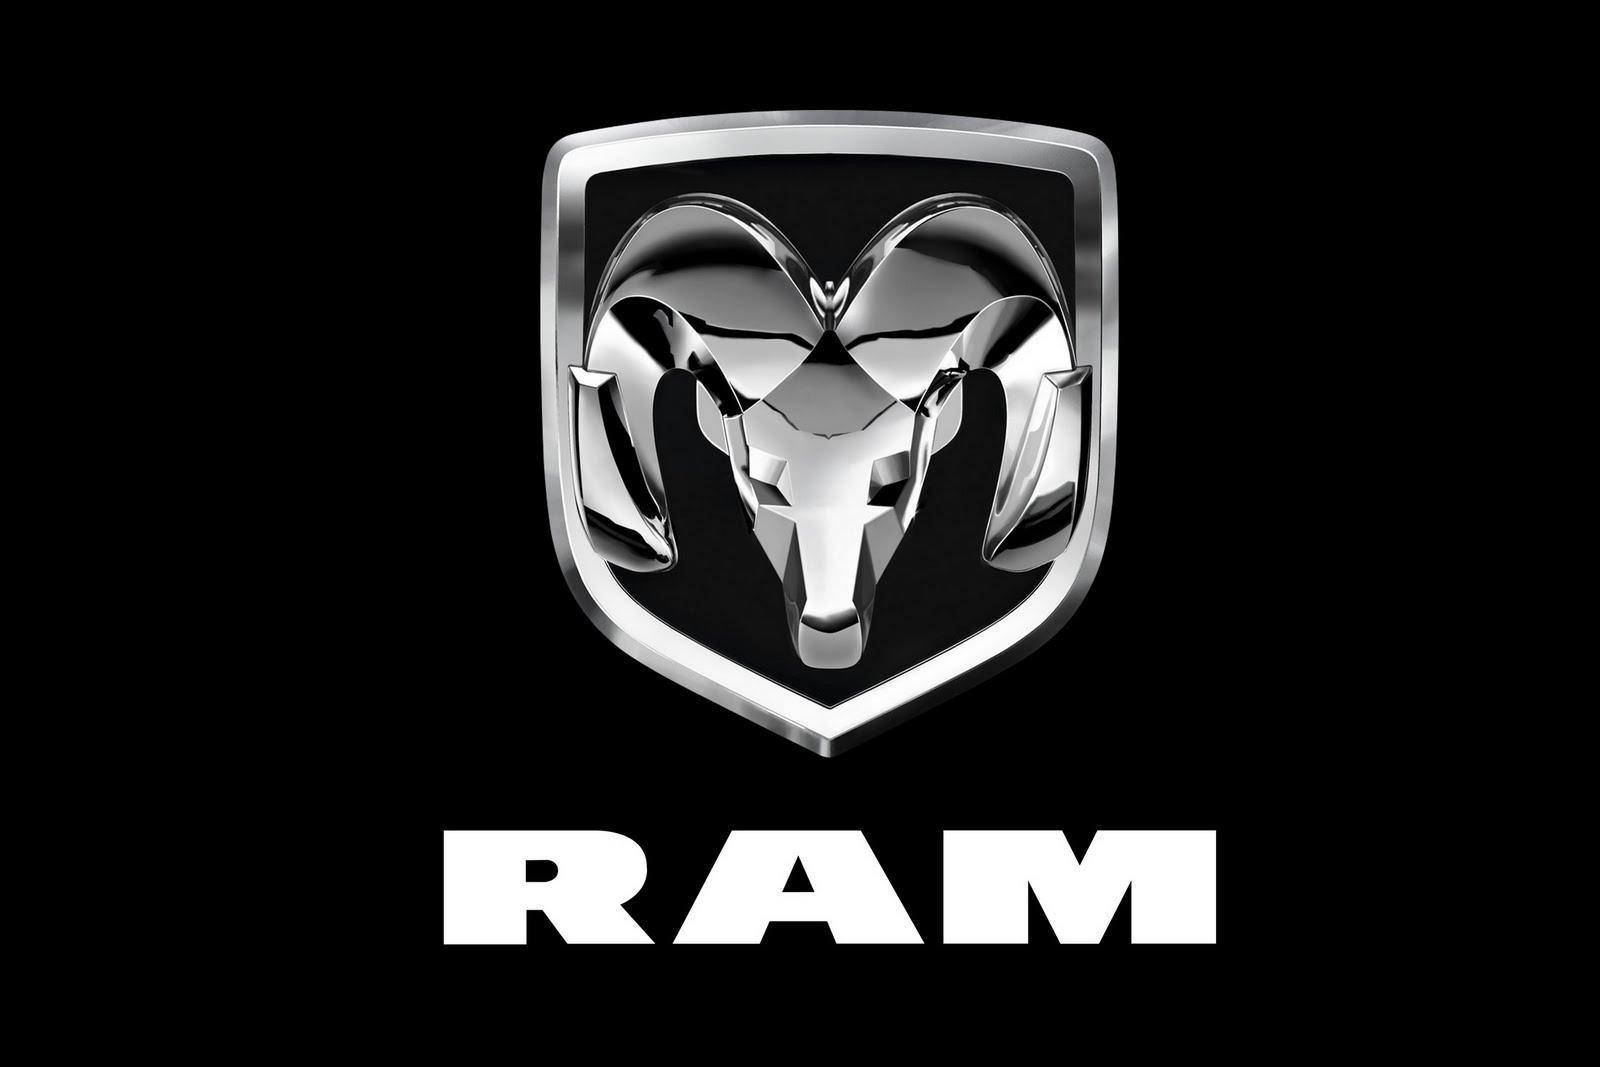 http://1.bp.blogspot.com/_FoXyvaPSnVk/S_2M2J4xz8I/AAAAAAAC5Ig/fILwuMG0TmA/s1600/2011-Ram-Logo-31.jpg